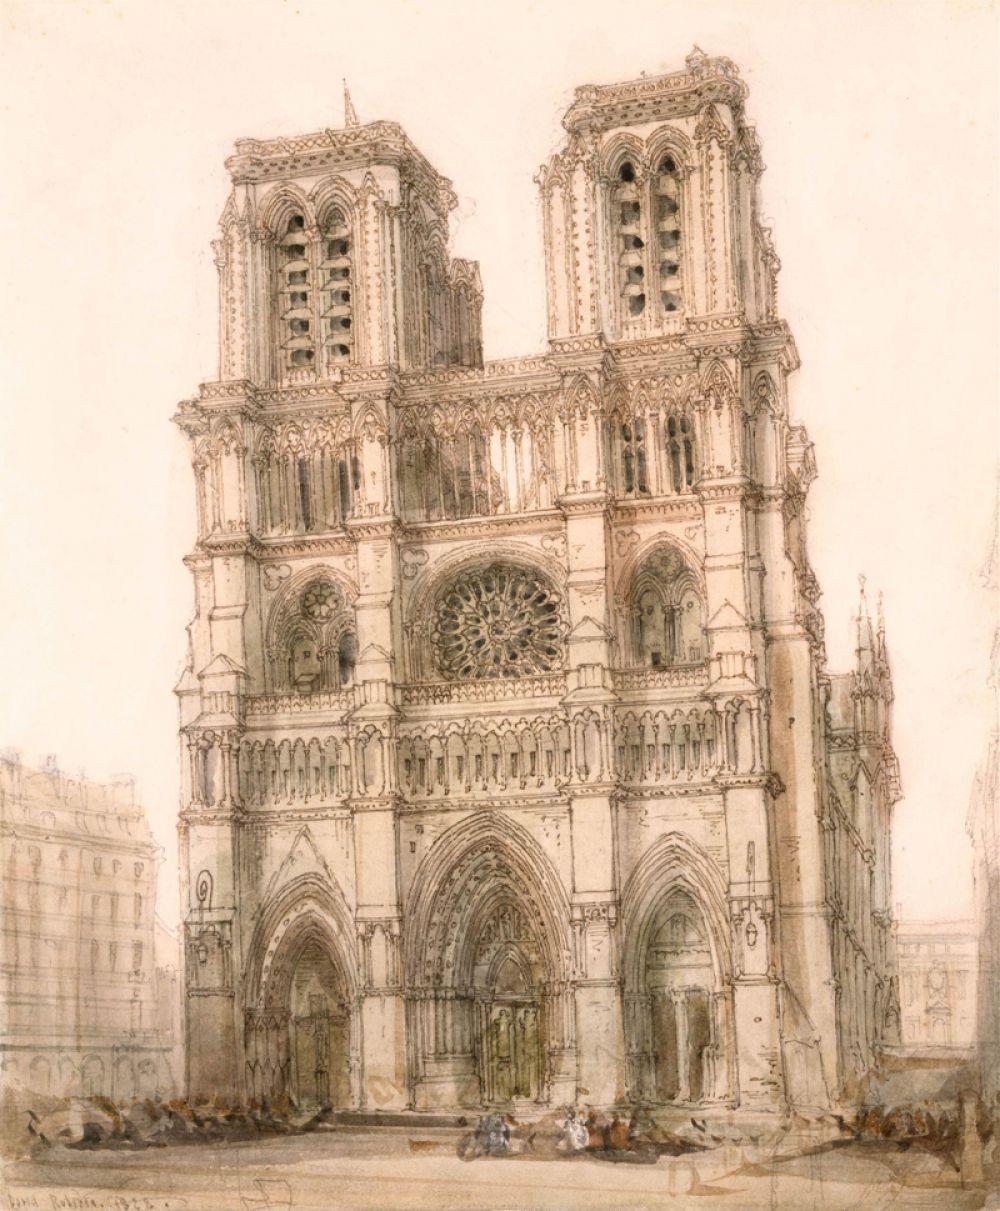 Главный фасад собора на рисунке шотландца Д. Робертса 1828 года.